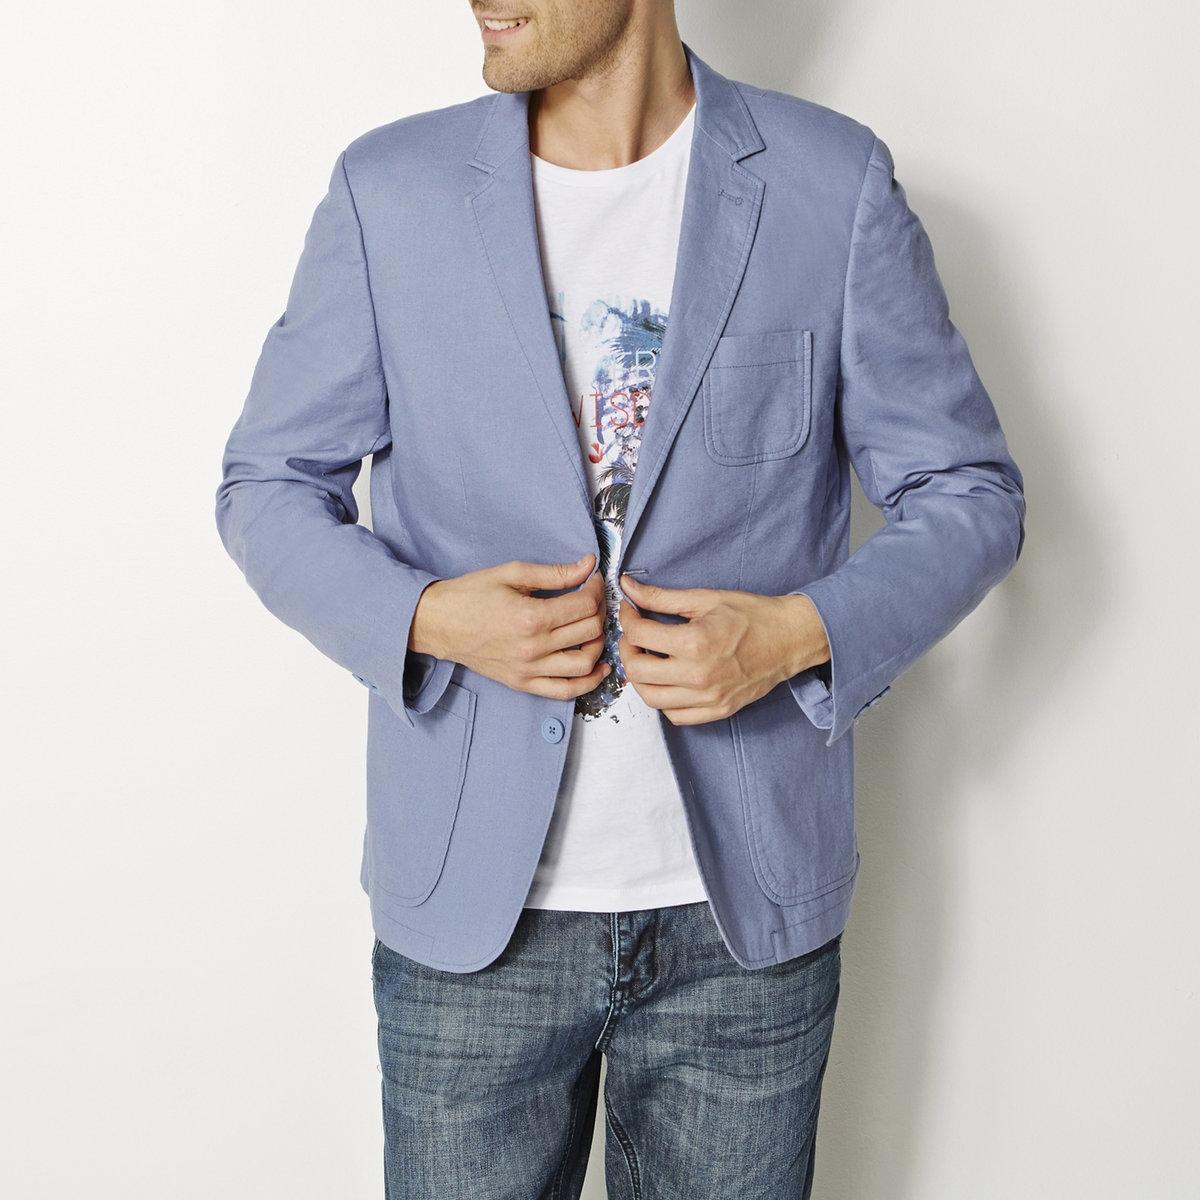 Пиджак, 55% льнаПиджак из 55% льна, 45% хлопка. 2 накладных кармана. 2 пуговицы спереди. Небольшой накладной карман на груди. Рукава с пуговицами внизу. Отделка кантом с изнаночной стороны.<br><br>Цвет: синий джинсовый<br>Размер: 42